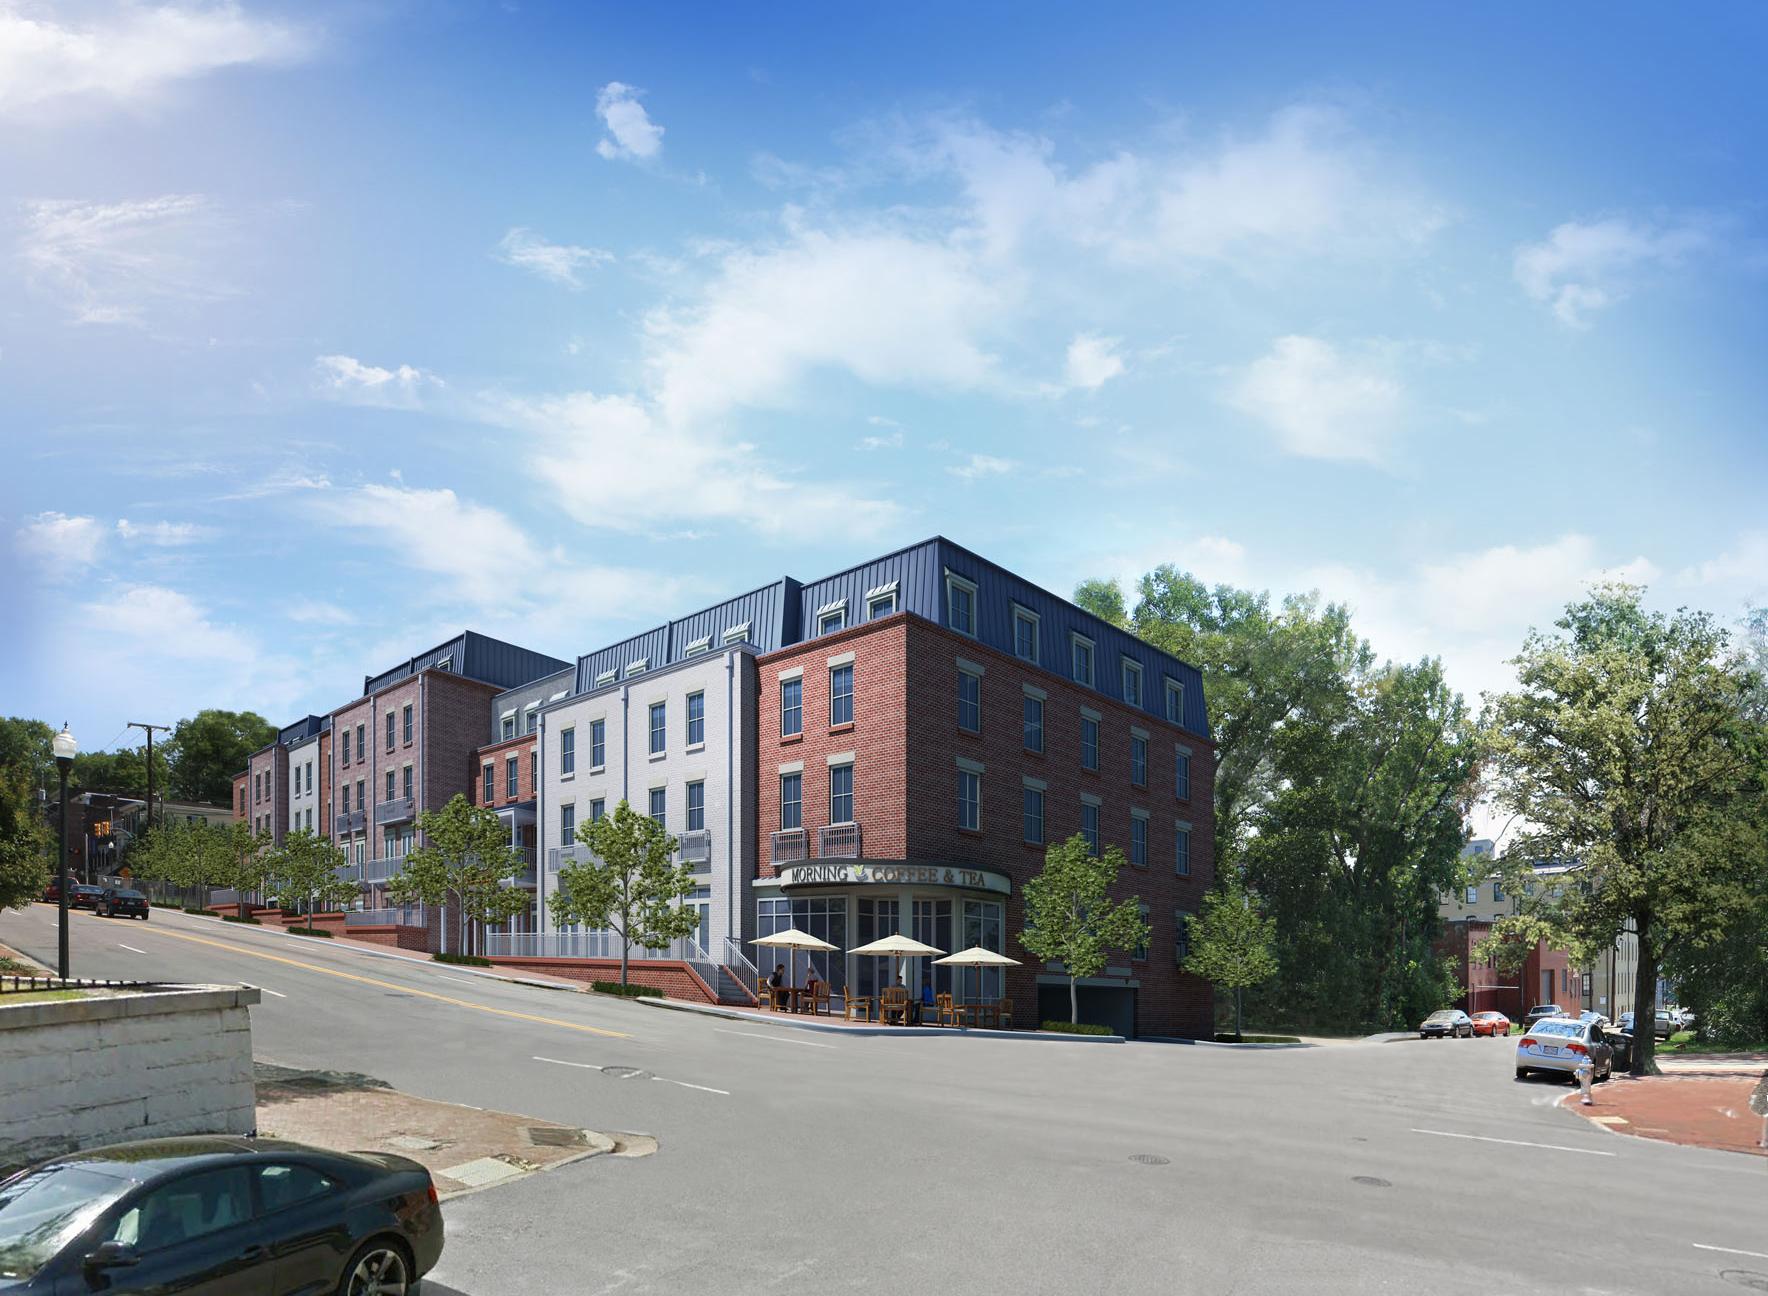 2001 E. Broad Apartments